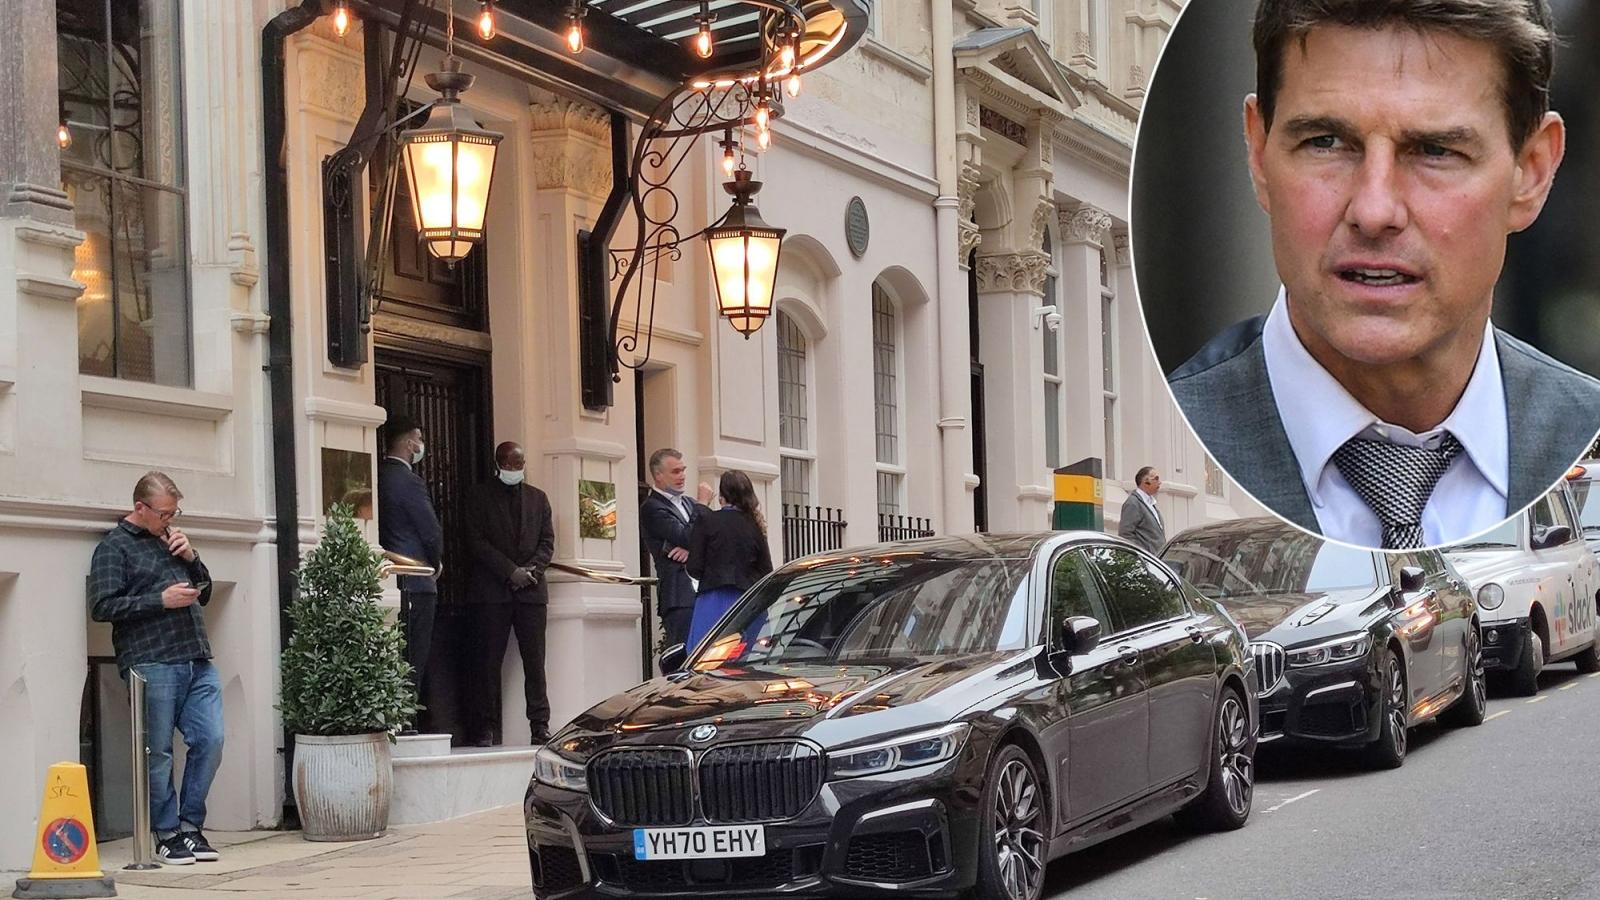 Tài tử Tom Cruise bị trộm cuỗm tài sản trị giá hàng nghìn bảng Anh